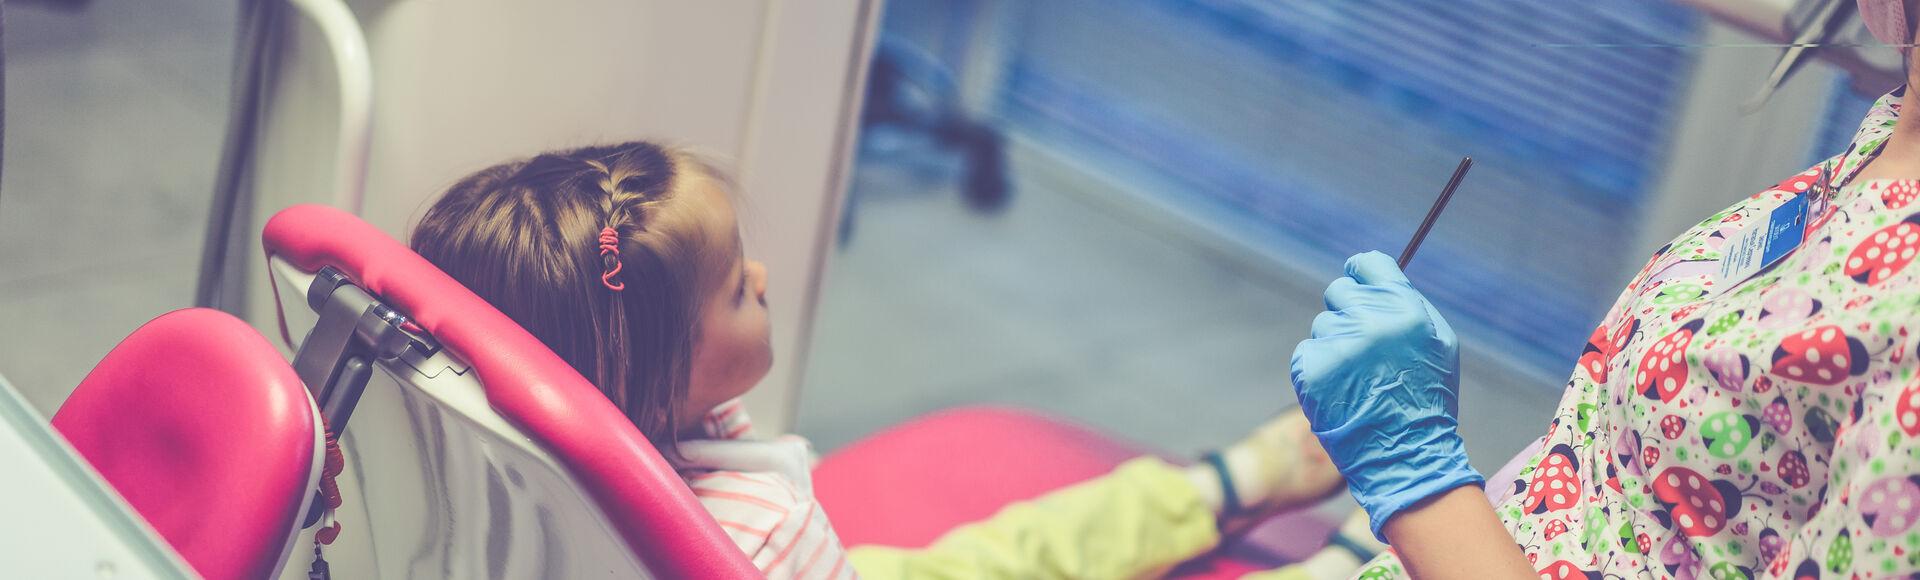 Criança em sua primeira visita ao dentista